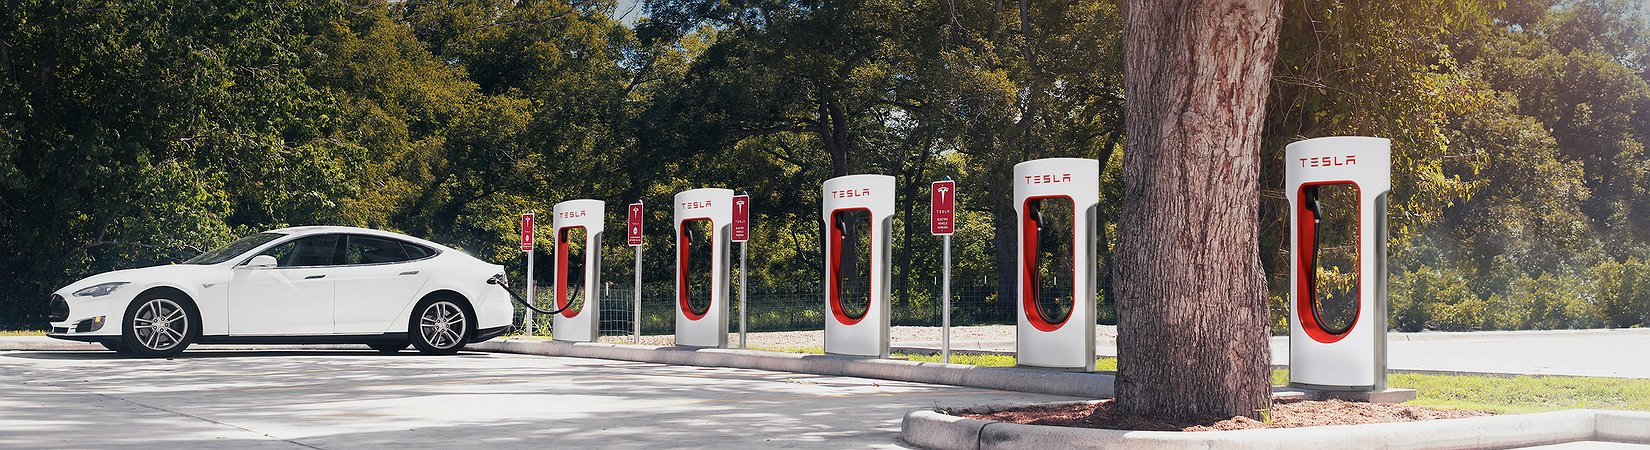 Tesla acaba con las recargas gratuitas de coches